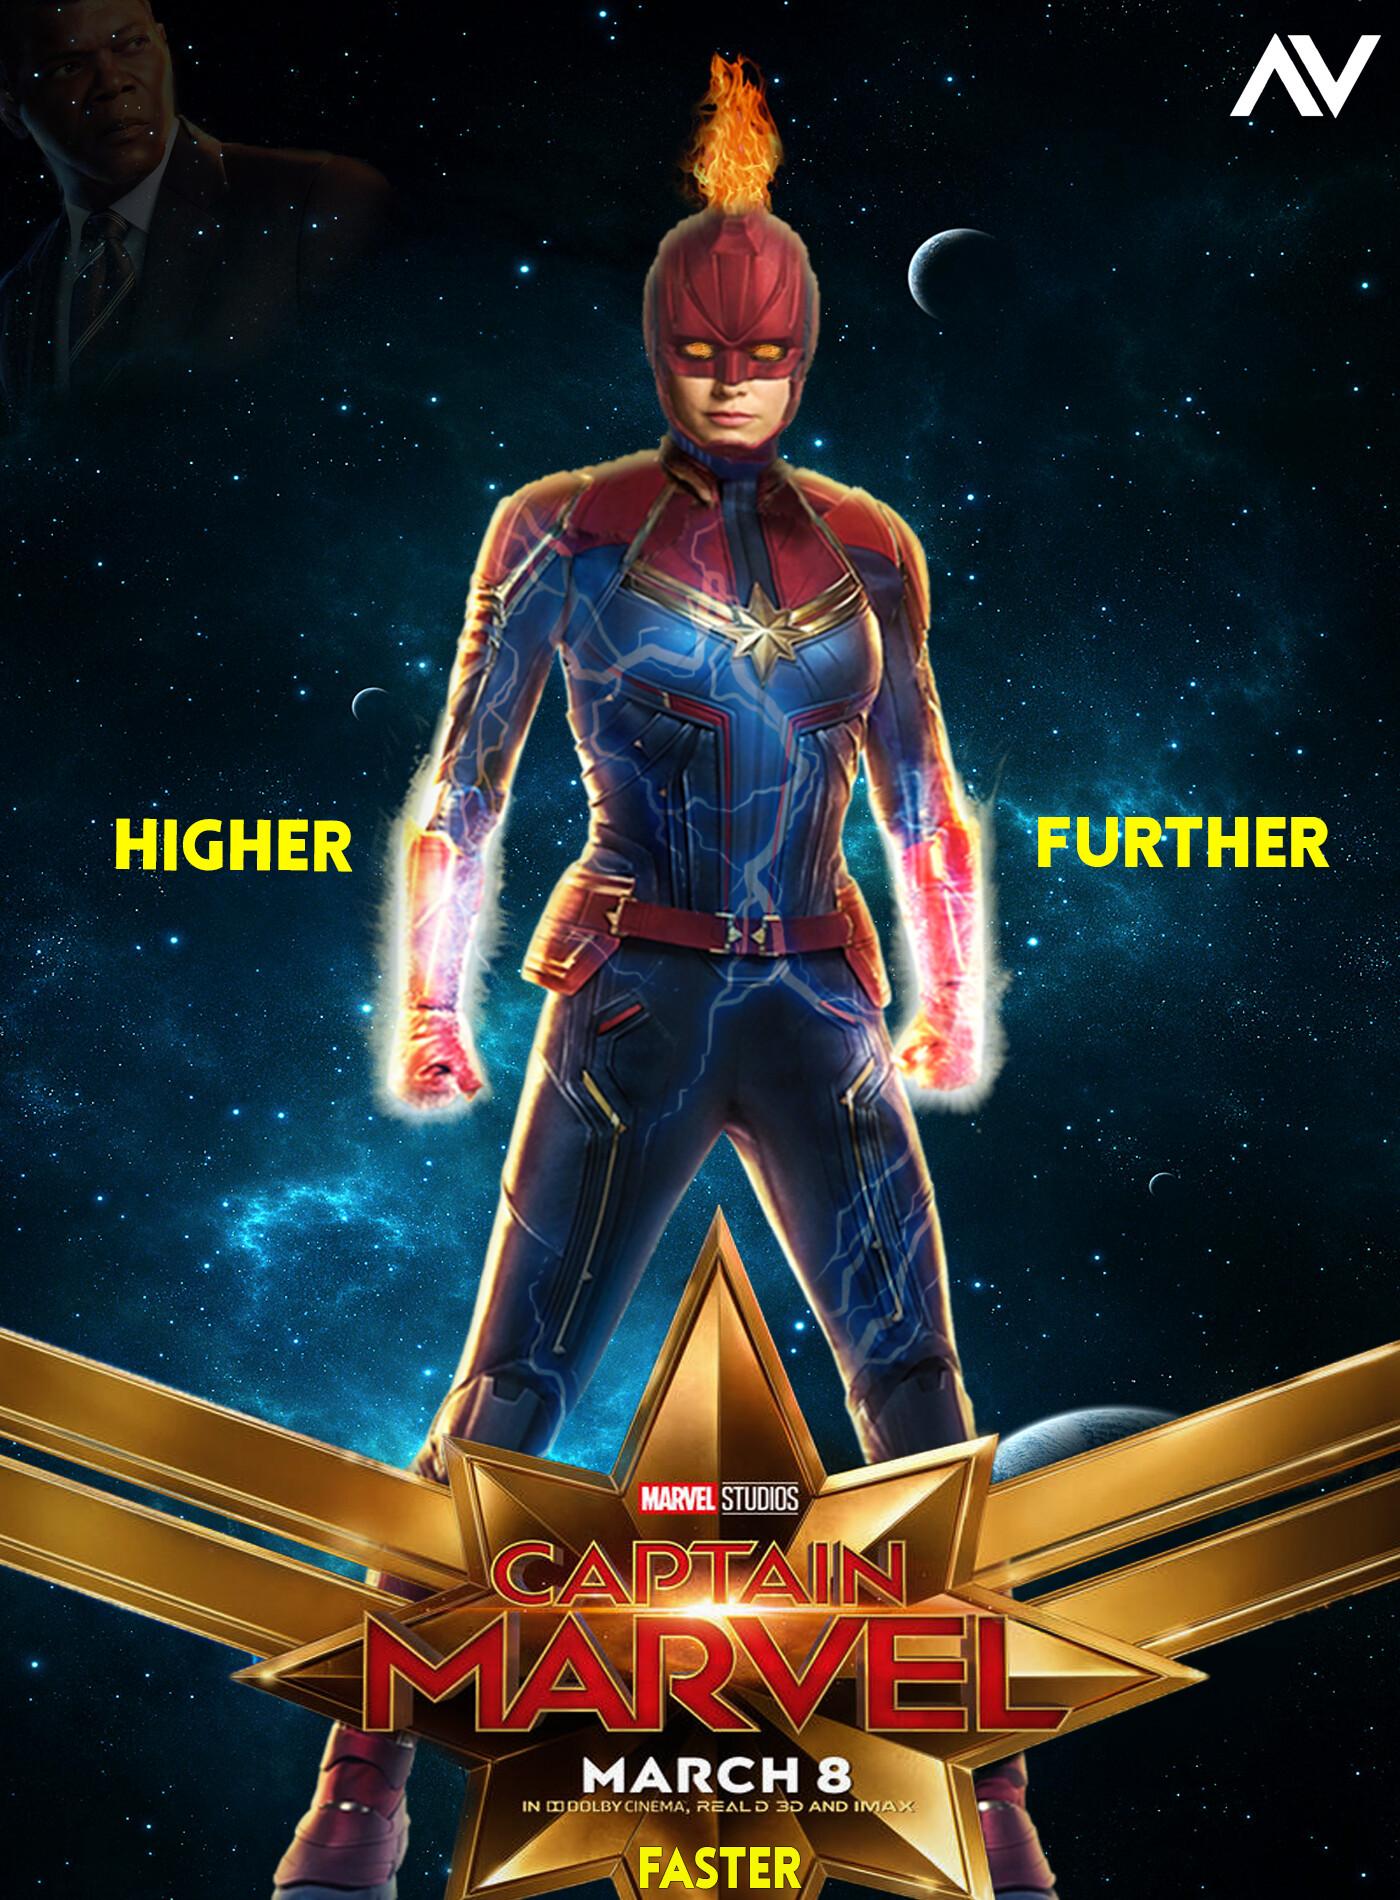 artstation - captain marvel #higher #further #faster 🔥 ⚡, vindz